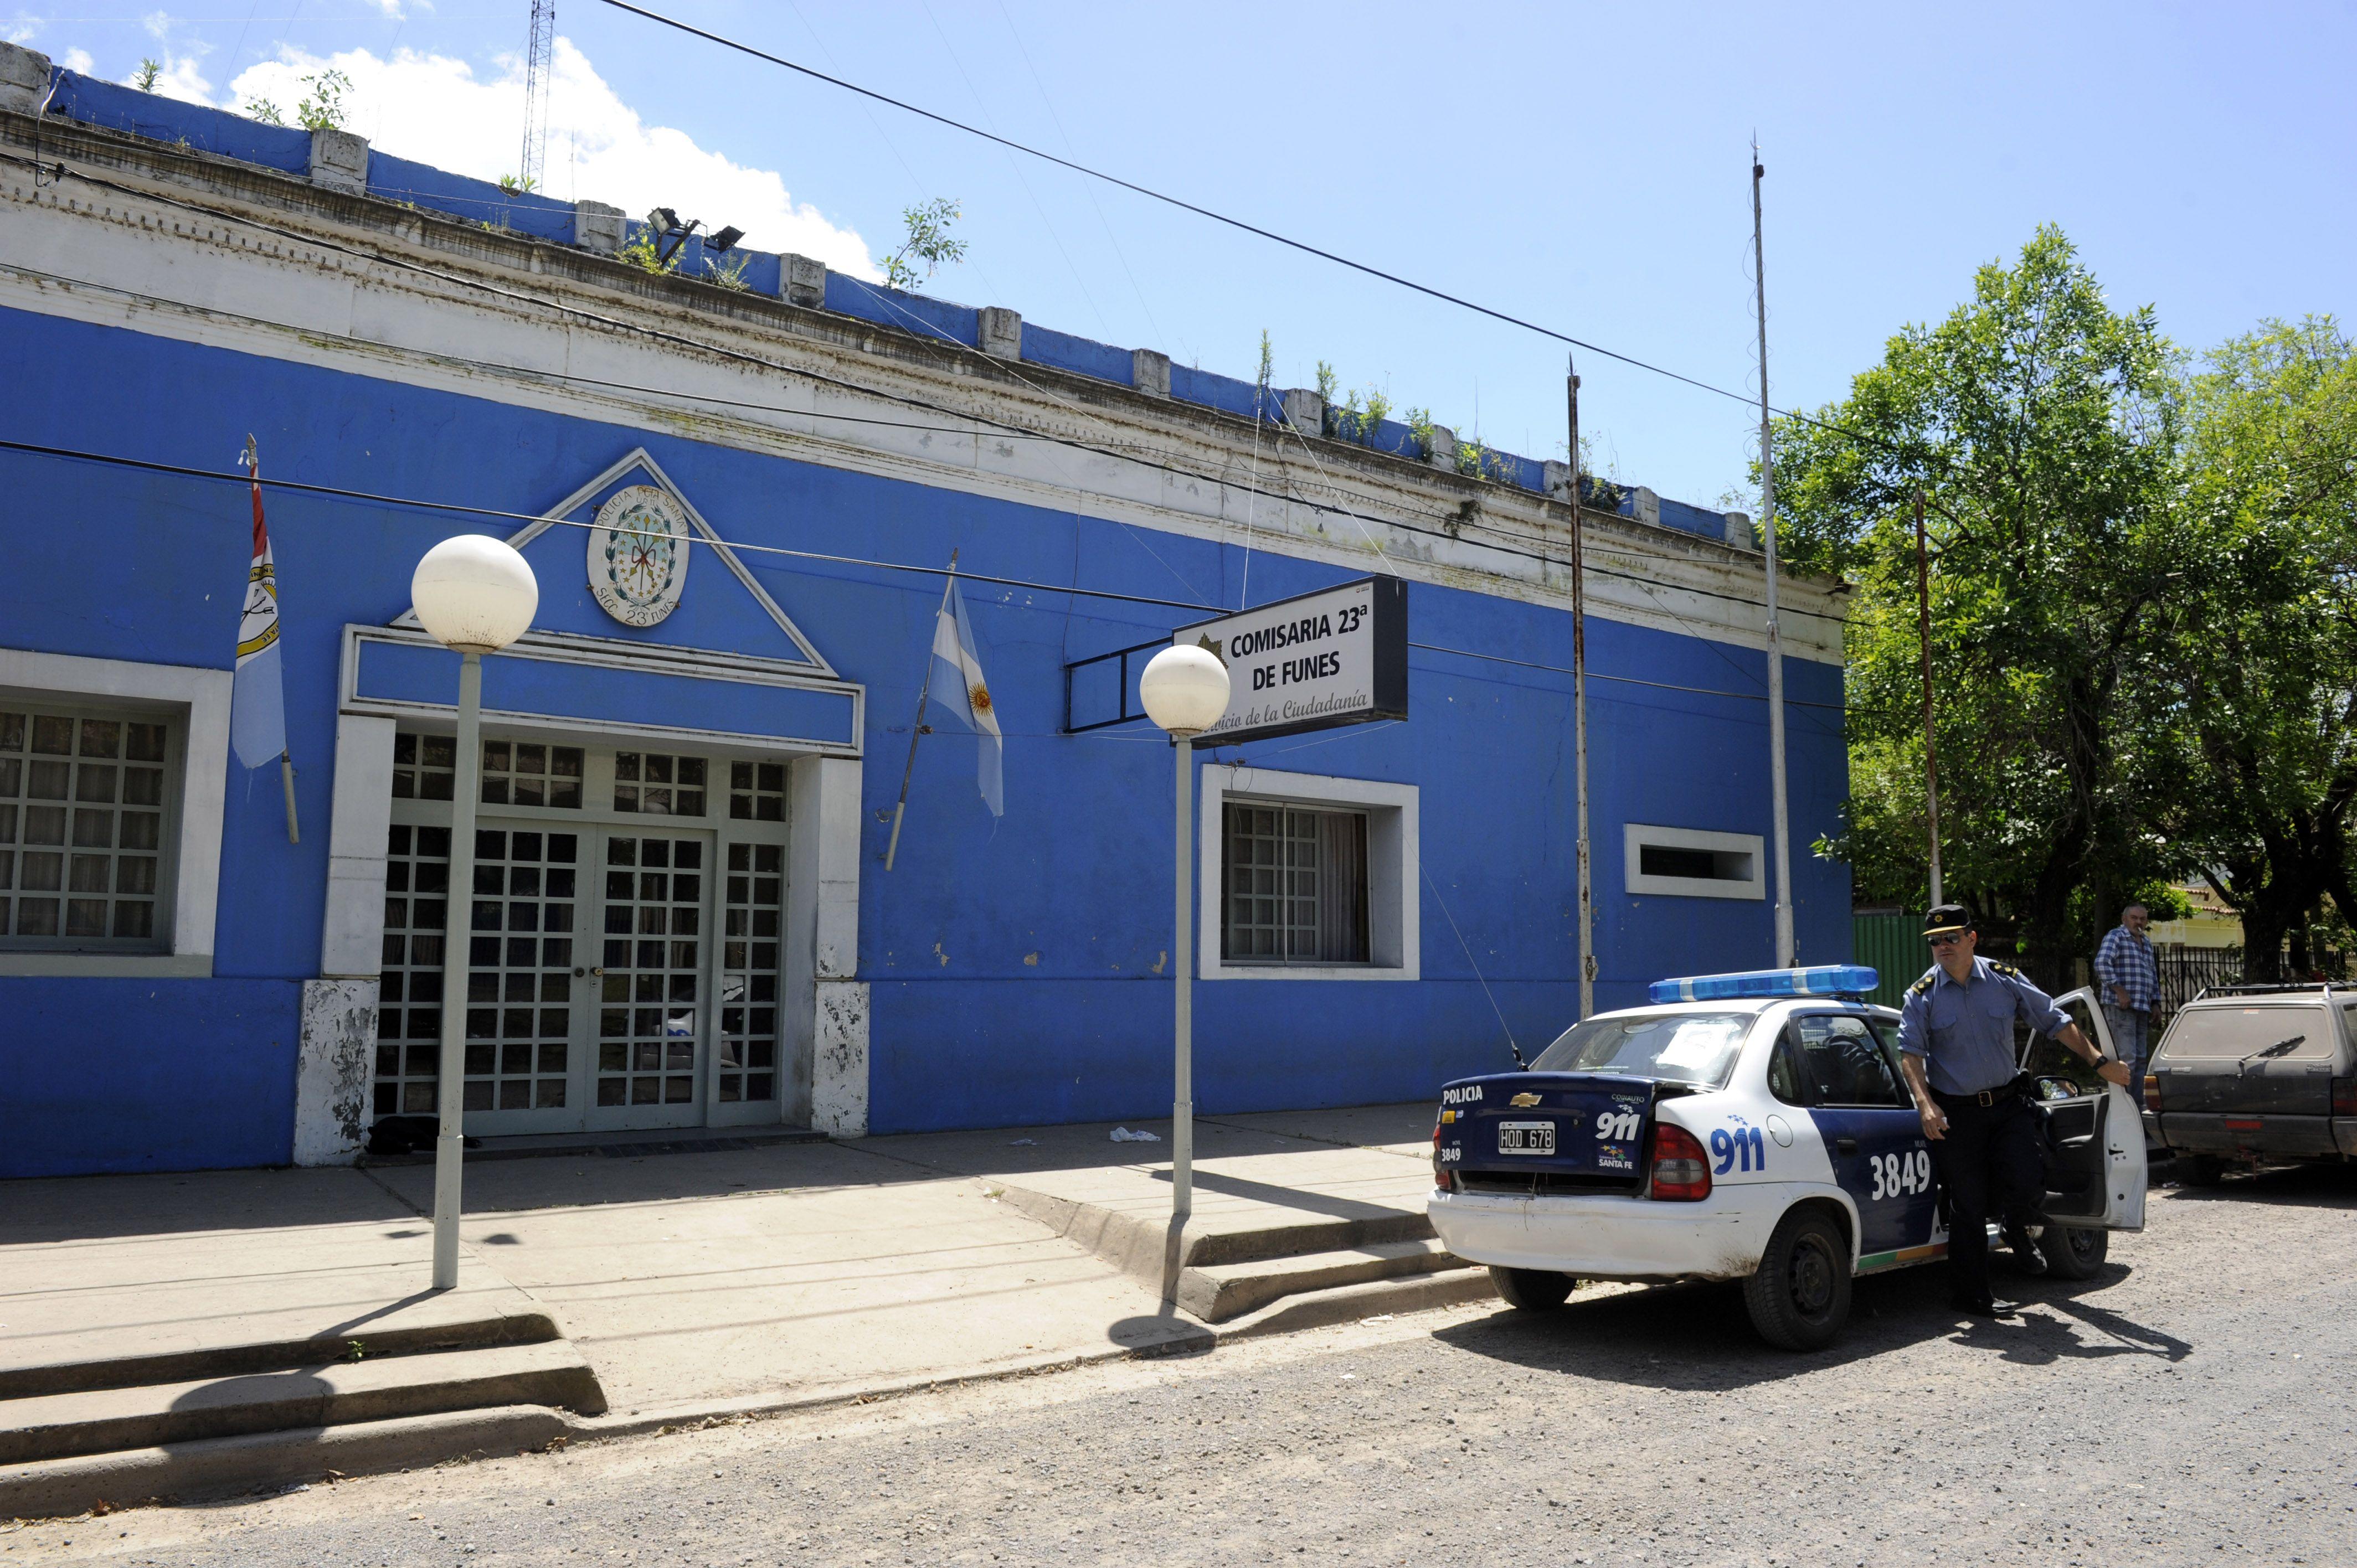 La comisaría 23ª de Funes lleva adelante las actuaciones por razones de jurisdicción.